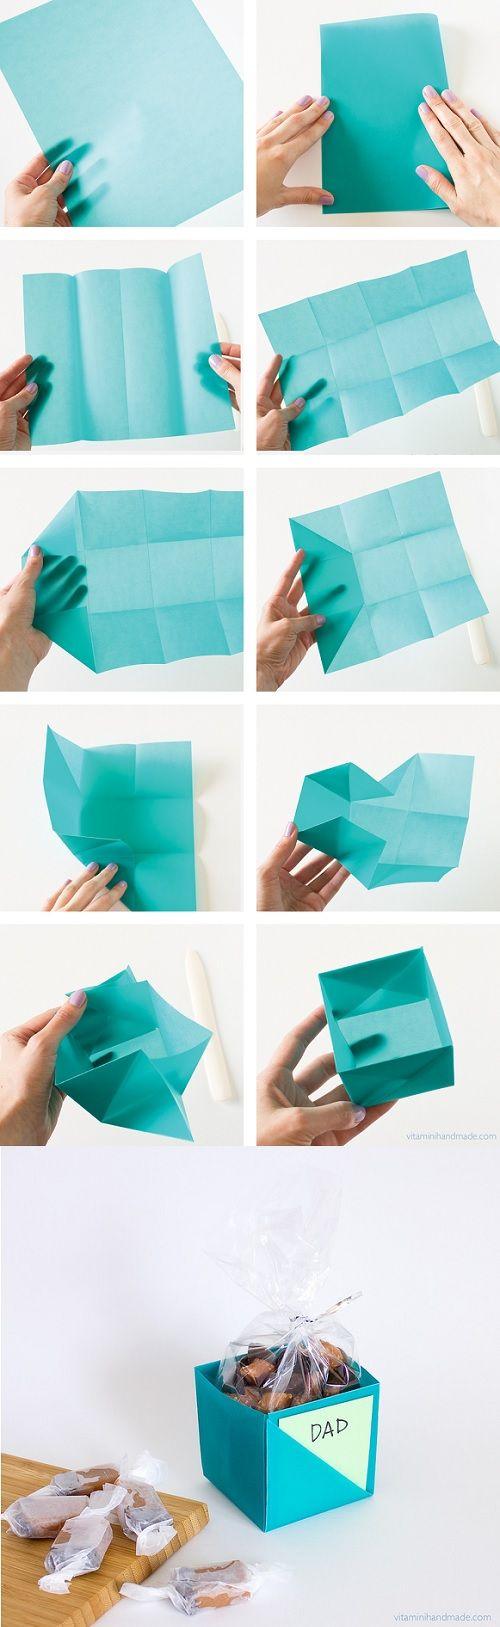 D.I.Y. กล่องกระดาษสุดมหัศจรรย์